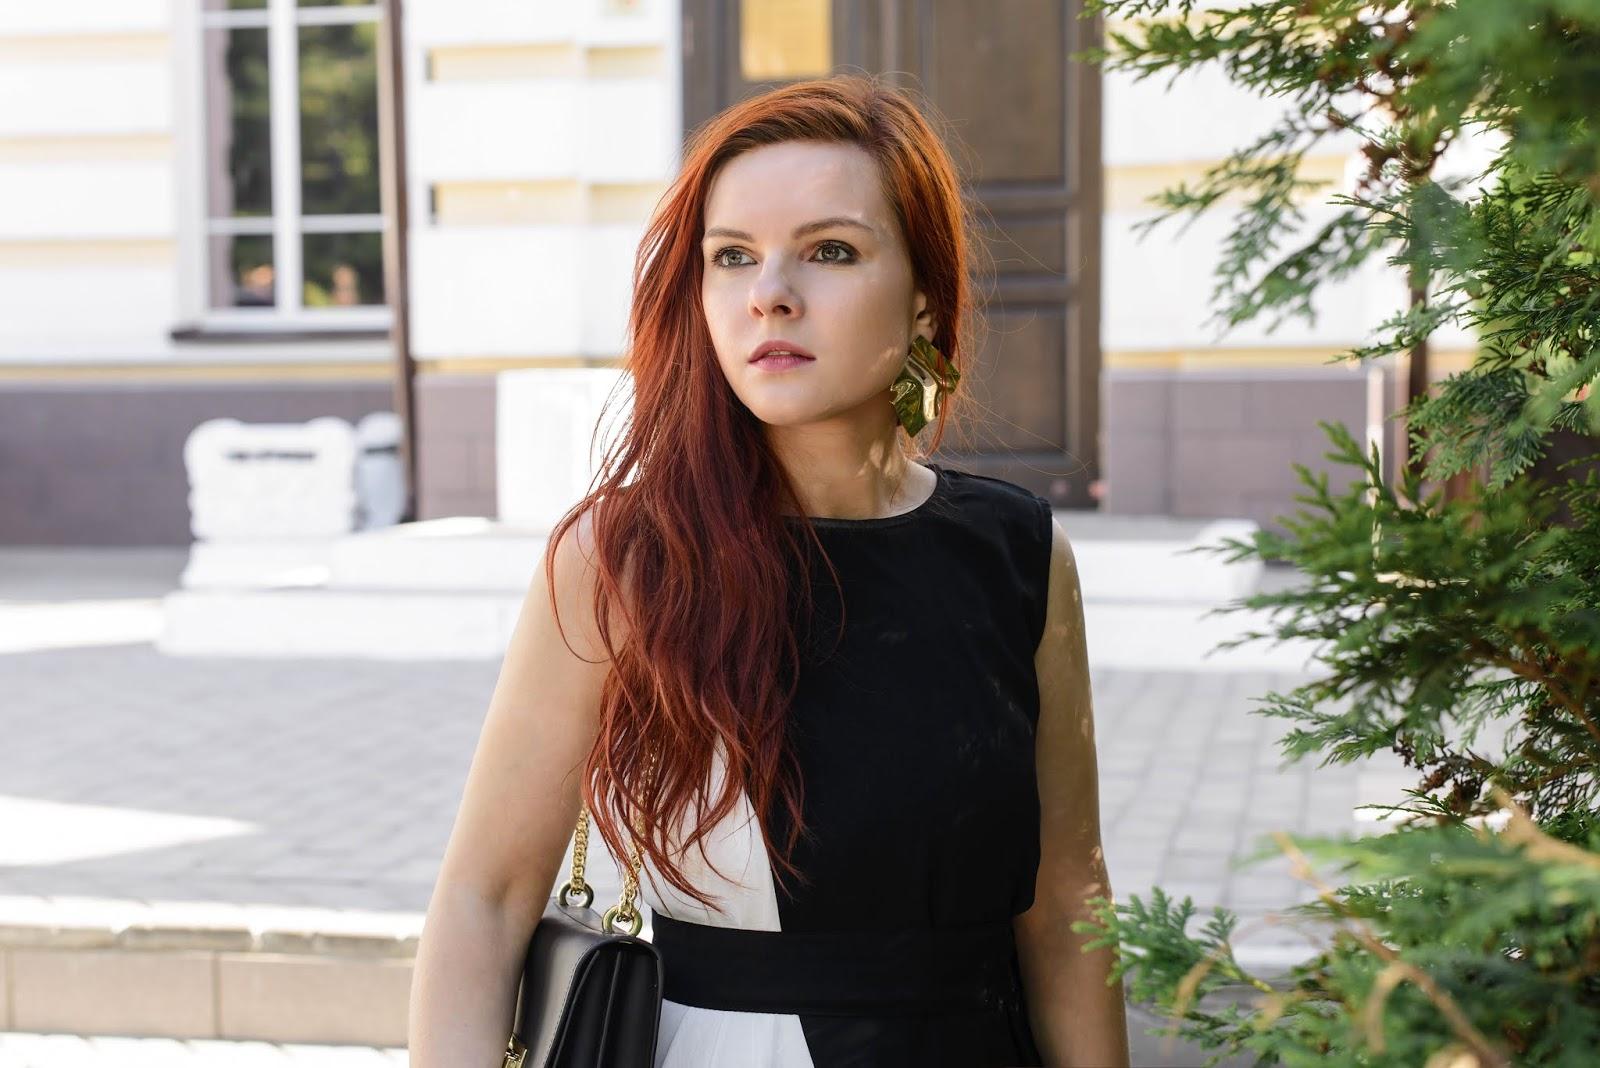 http://www.recklessdiary.ru/2018/07/neobychnye-platya-gde-kupit-zac-pozen-luchshie-dramaticheskie-filmy-istorii-lyubvi-podborka.html